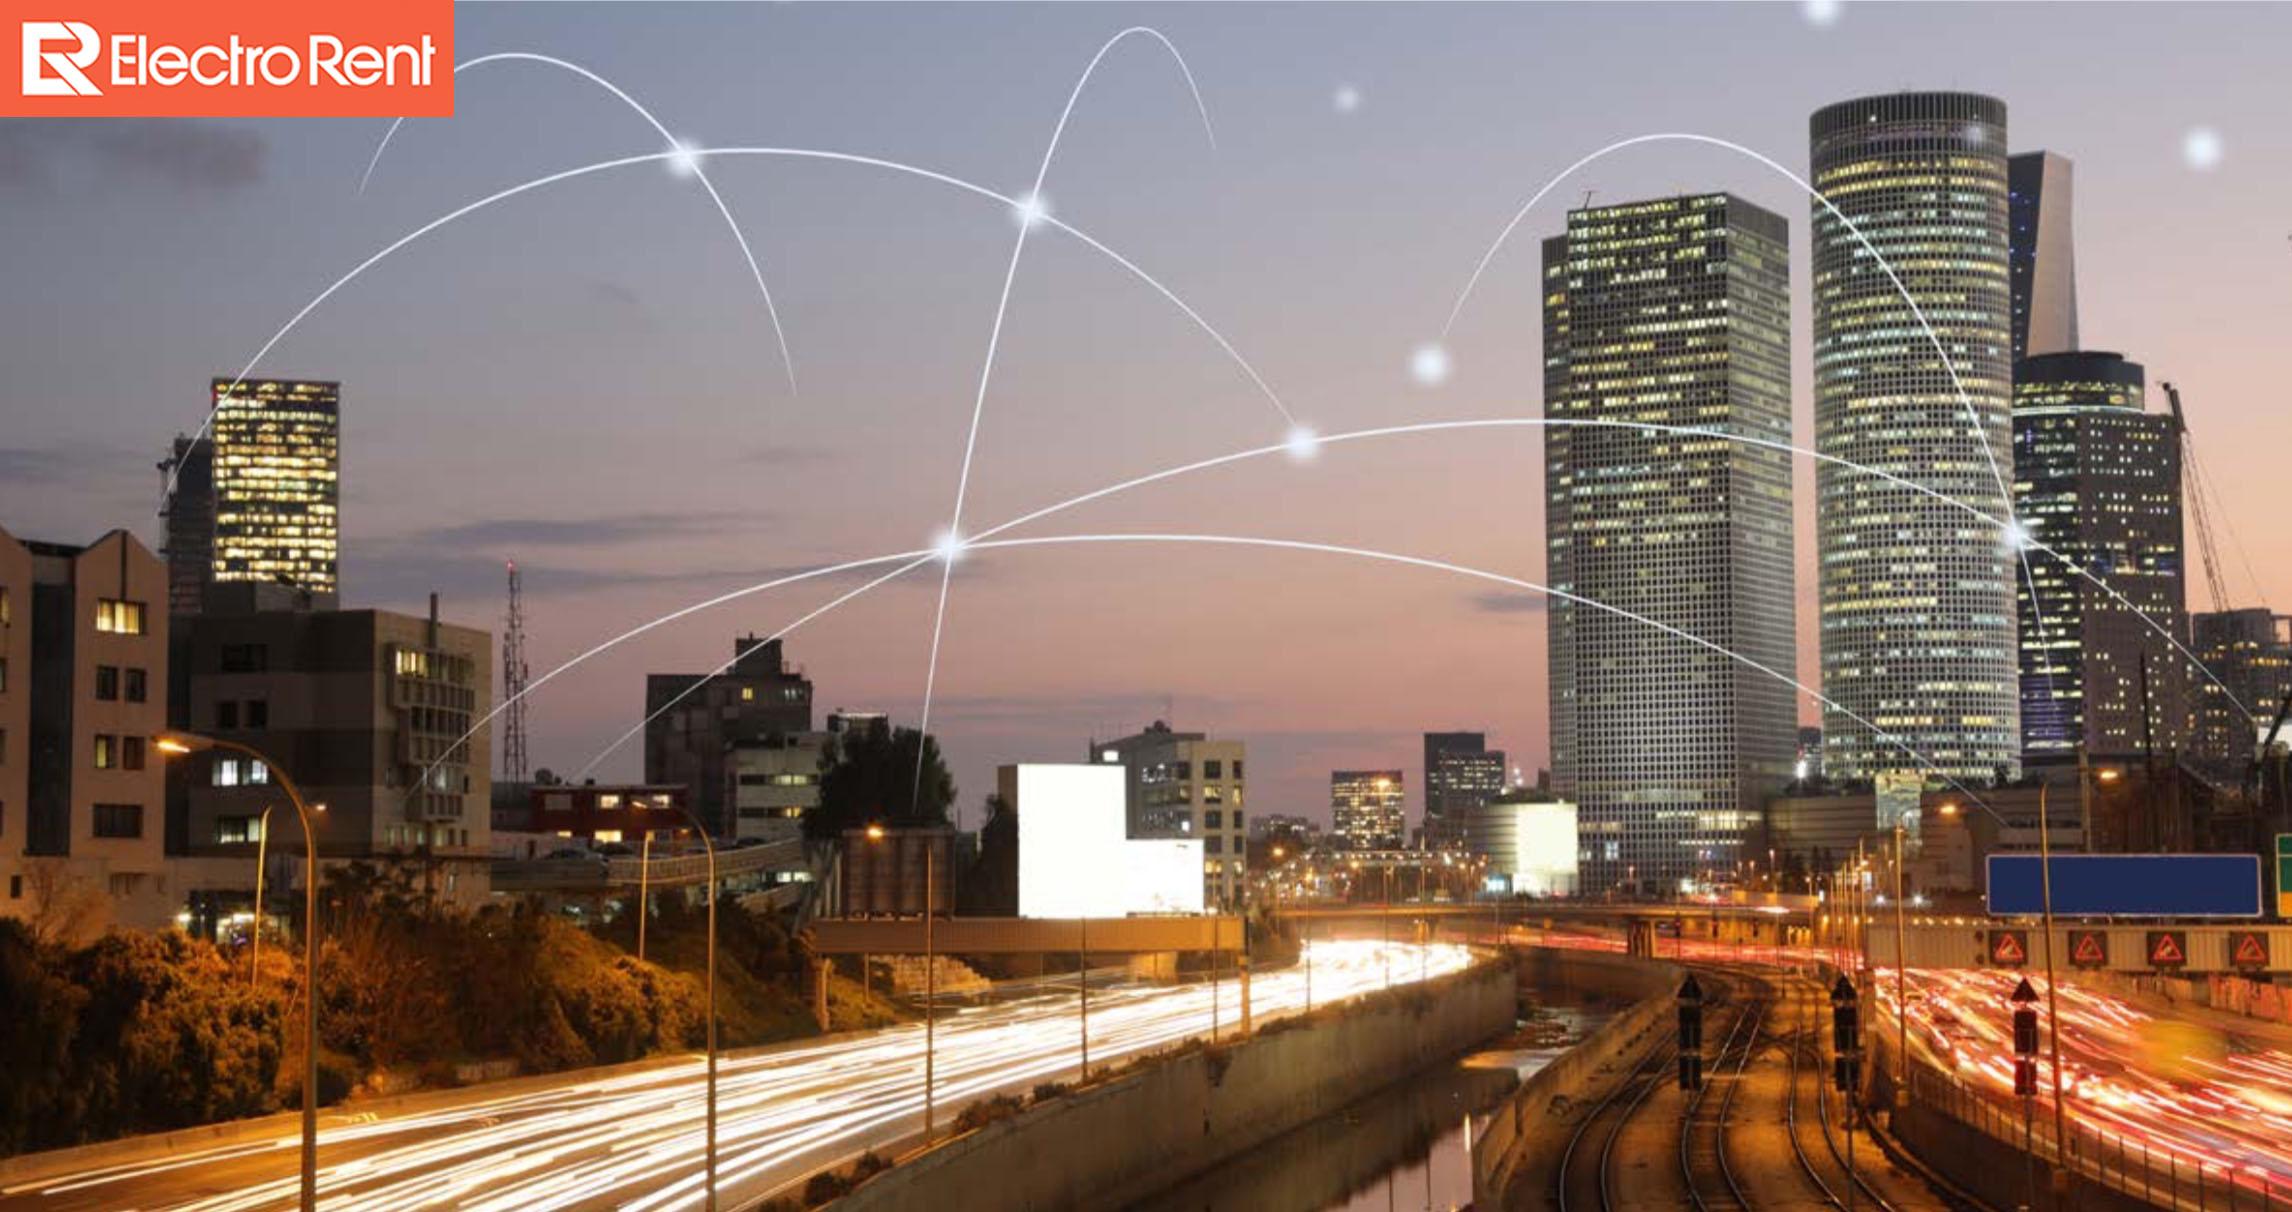 益莱储2020年展望: 观测试仪器需求五大趋势,为客户提供更大价值和更高灵活性